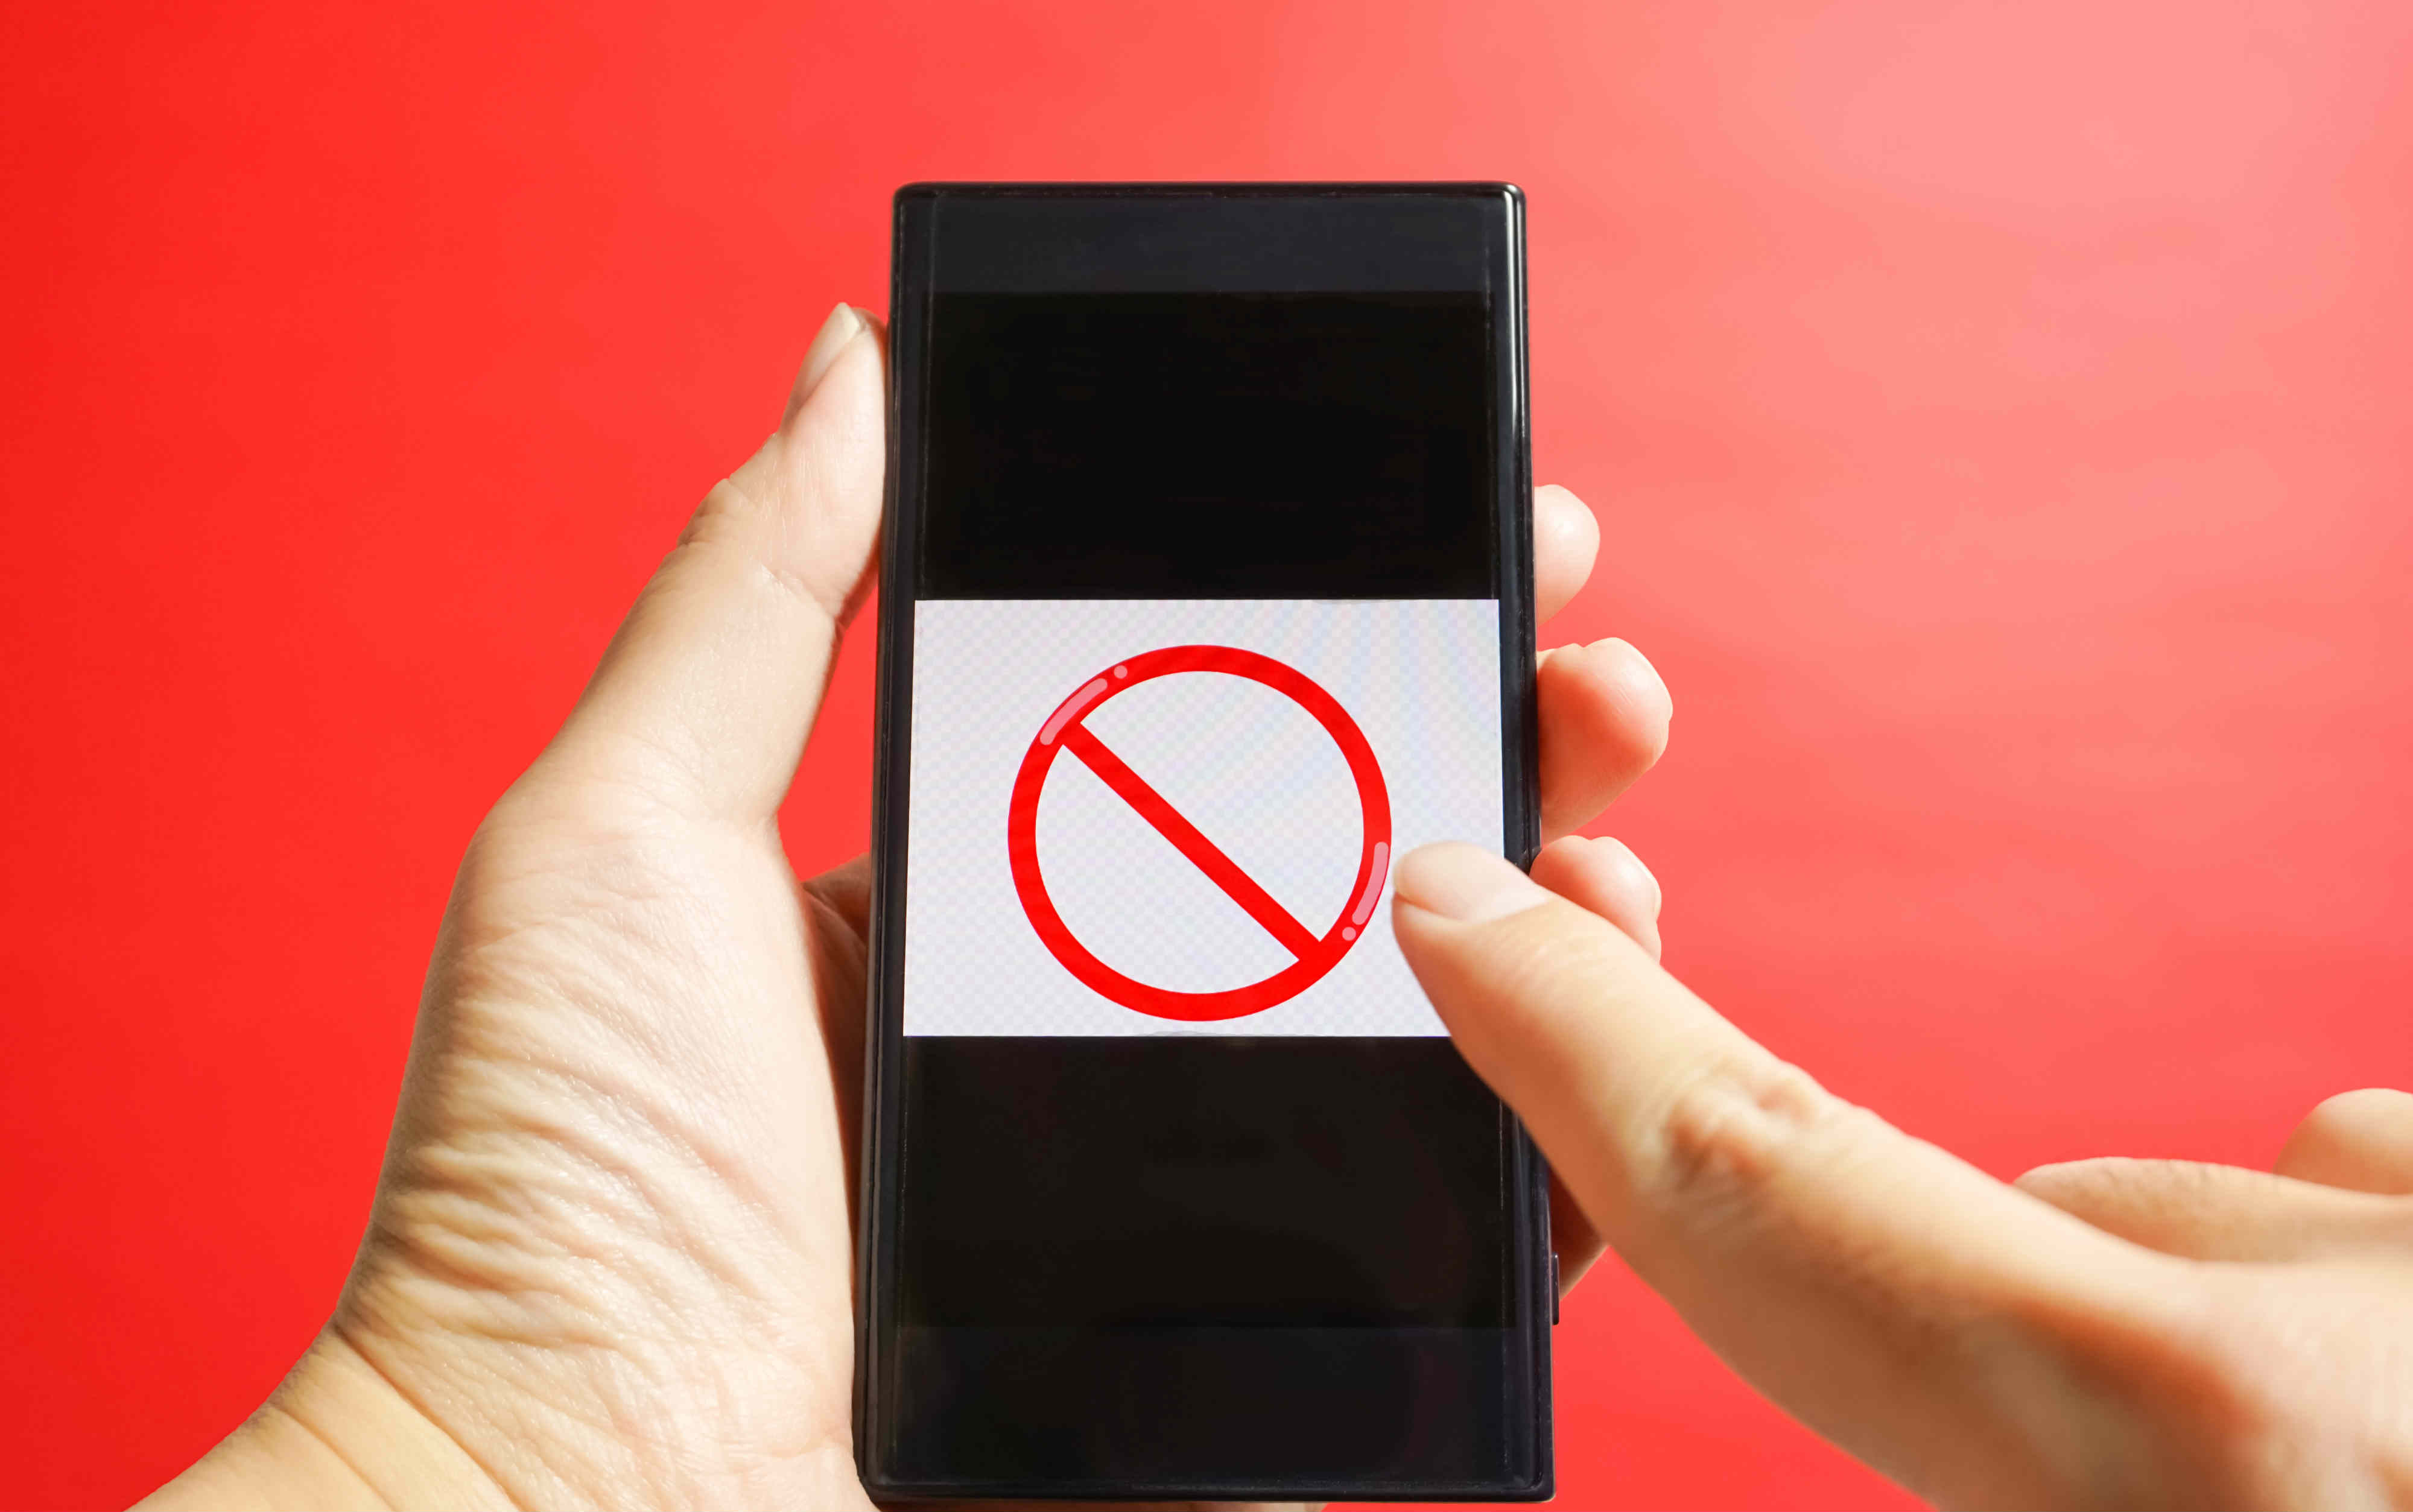 携帯乗り換え(MNP)で5回線同時は制限されるの?